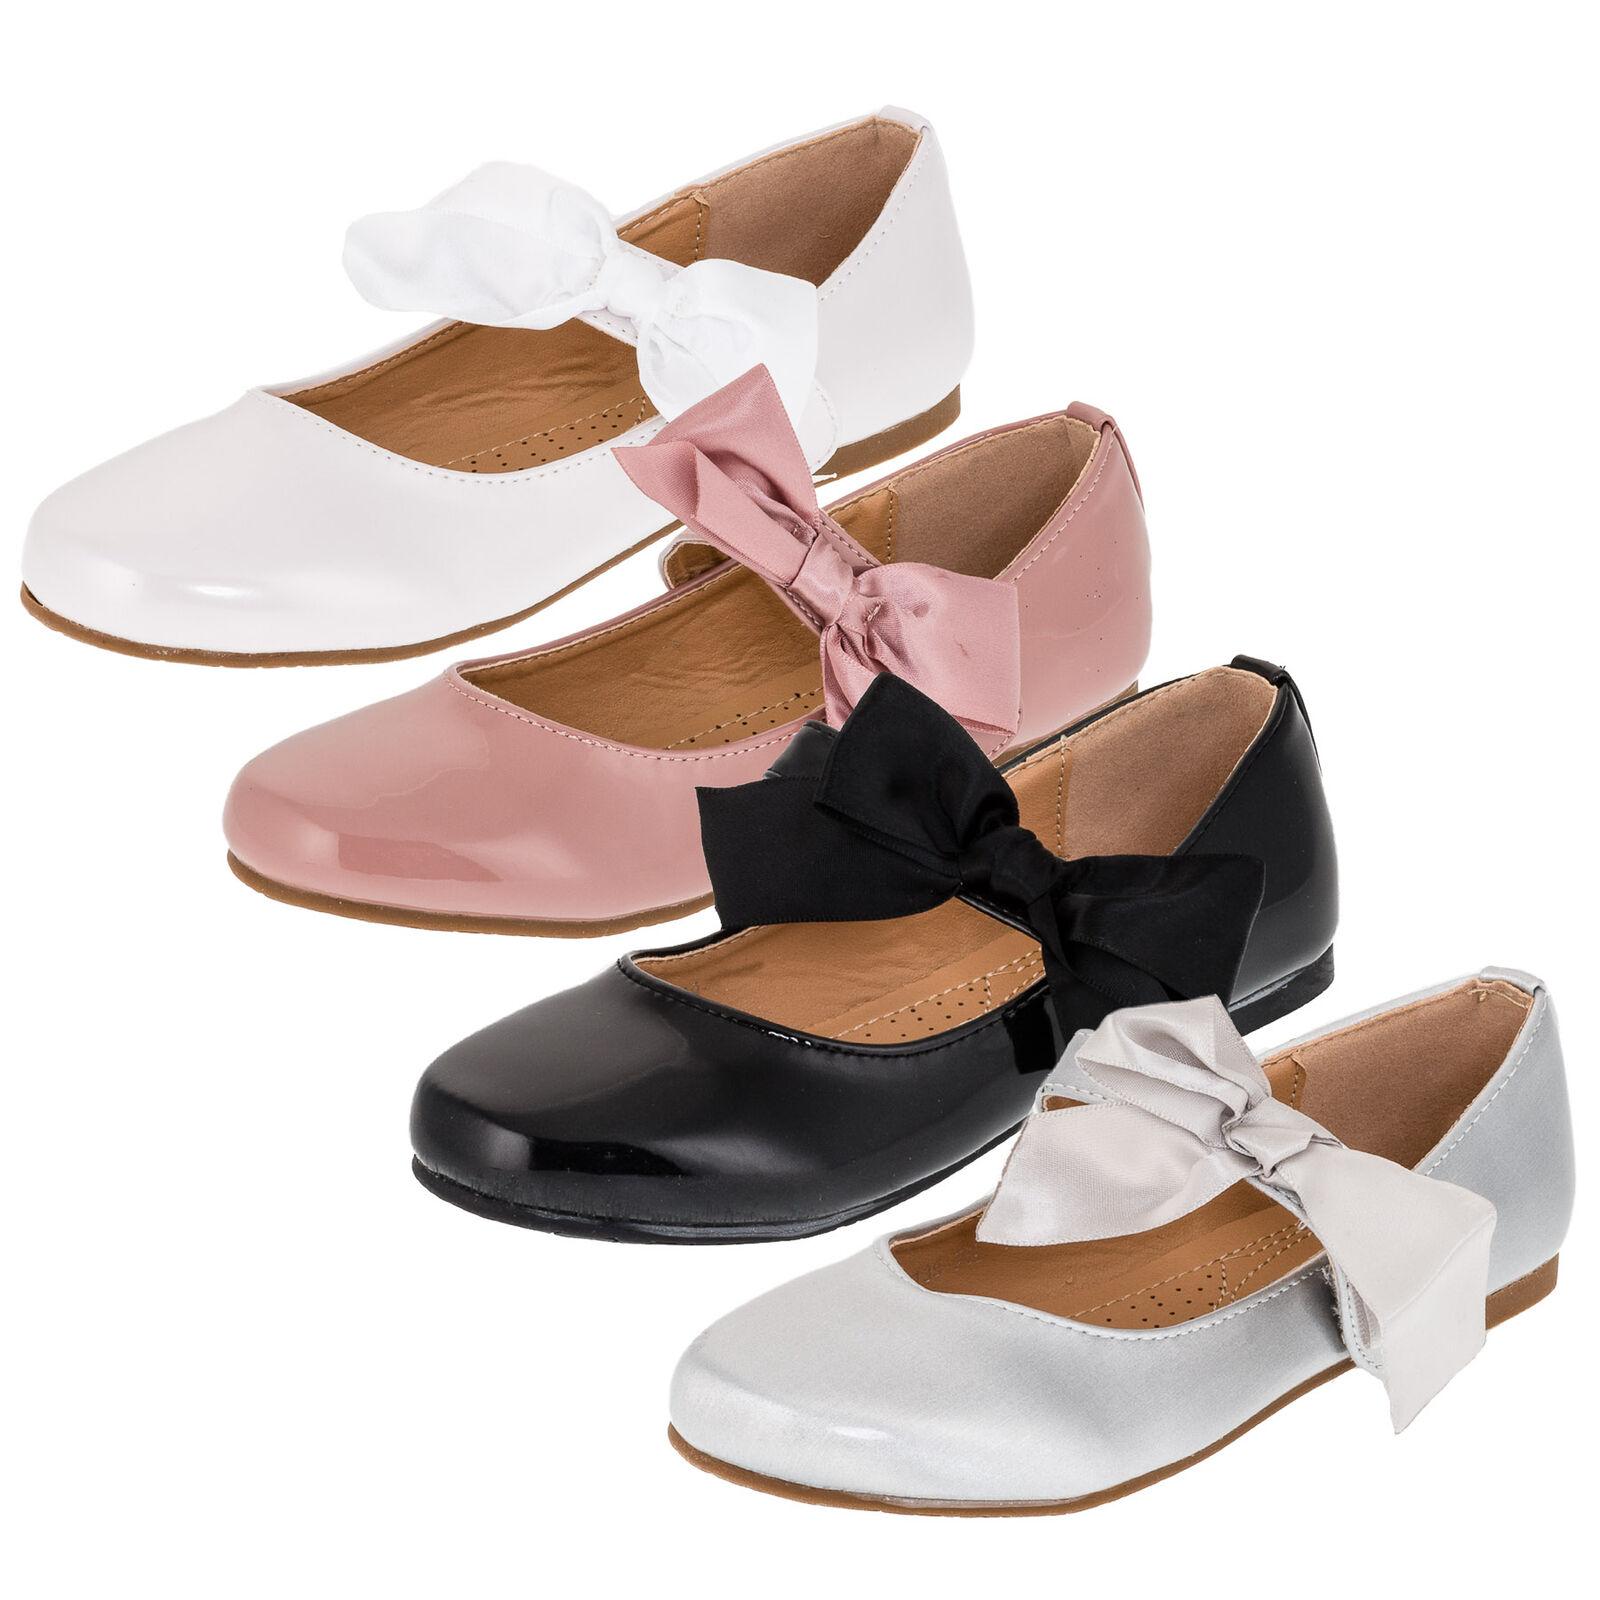 ad4a663c79b8fb Festliche Kinder Mädchen Prinzessinnen Schuhe Ballerinas mit Schnalle  Festschuhe